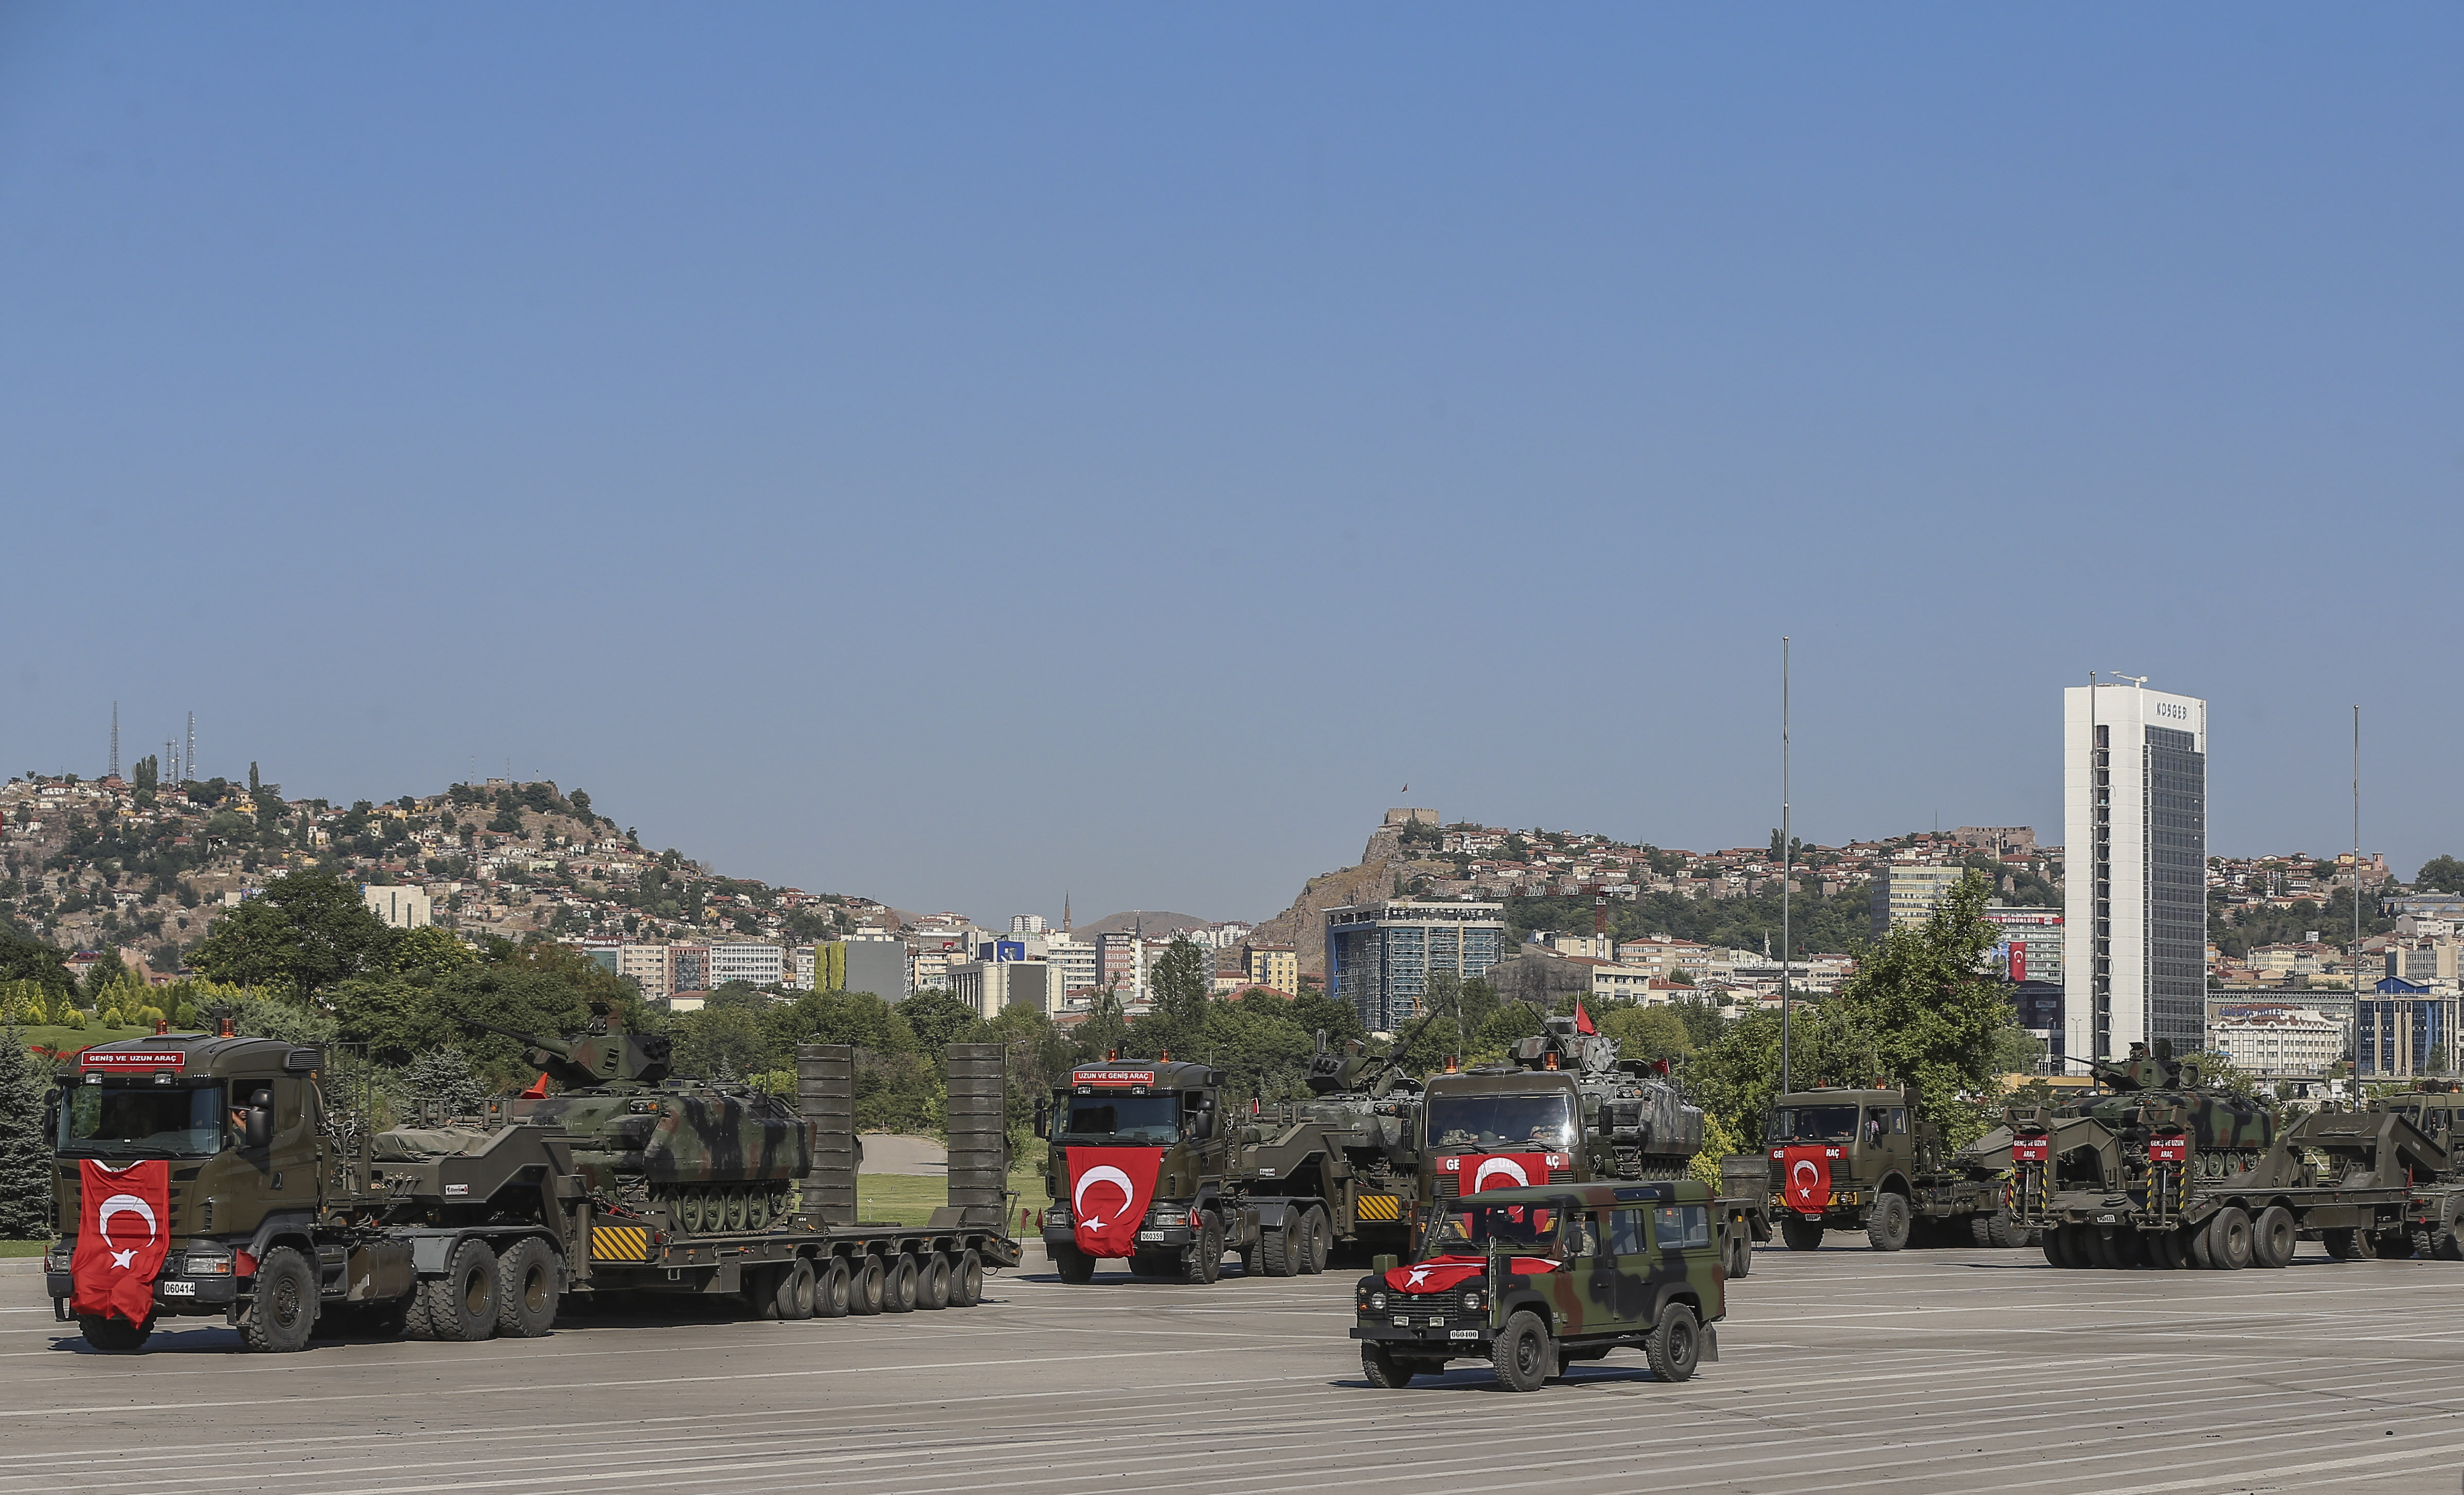 Örgüt mensuplarınca darbe girişiminde kullanılan Ankara Emniyet Müdürlüğü'nün bahçesindeki tanklar, askeri tırlarla kışlaya çekildi.